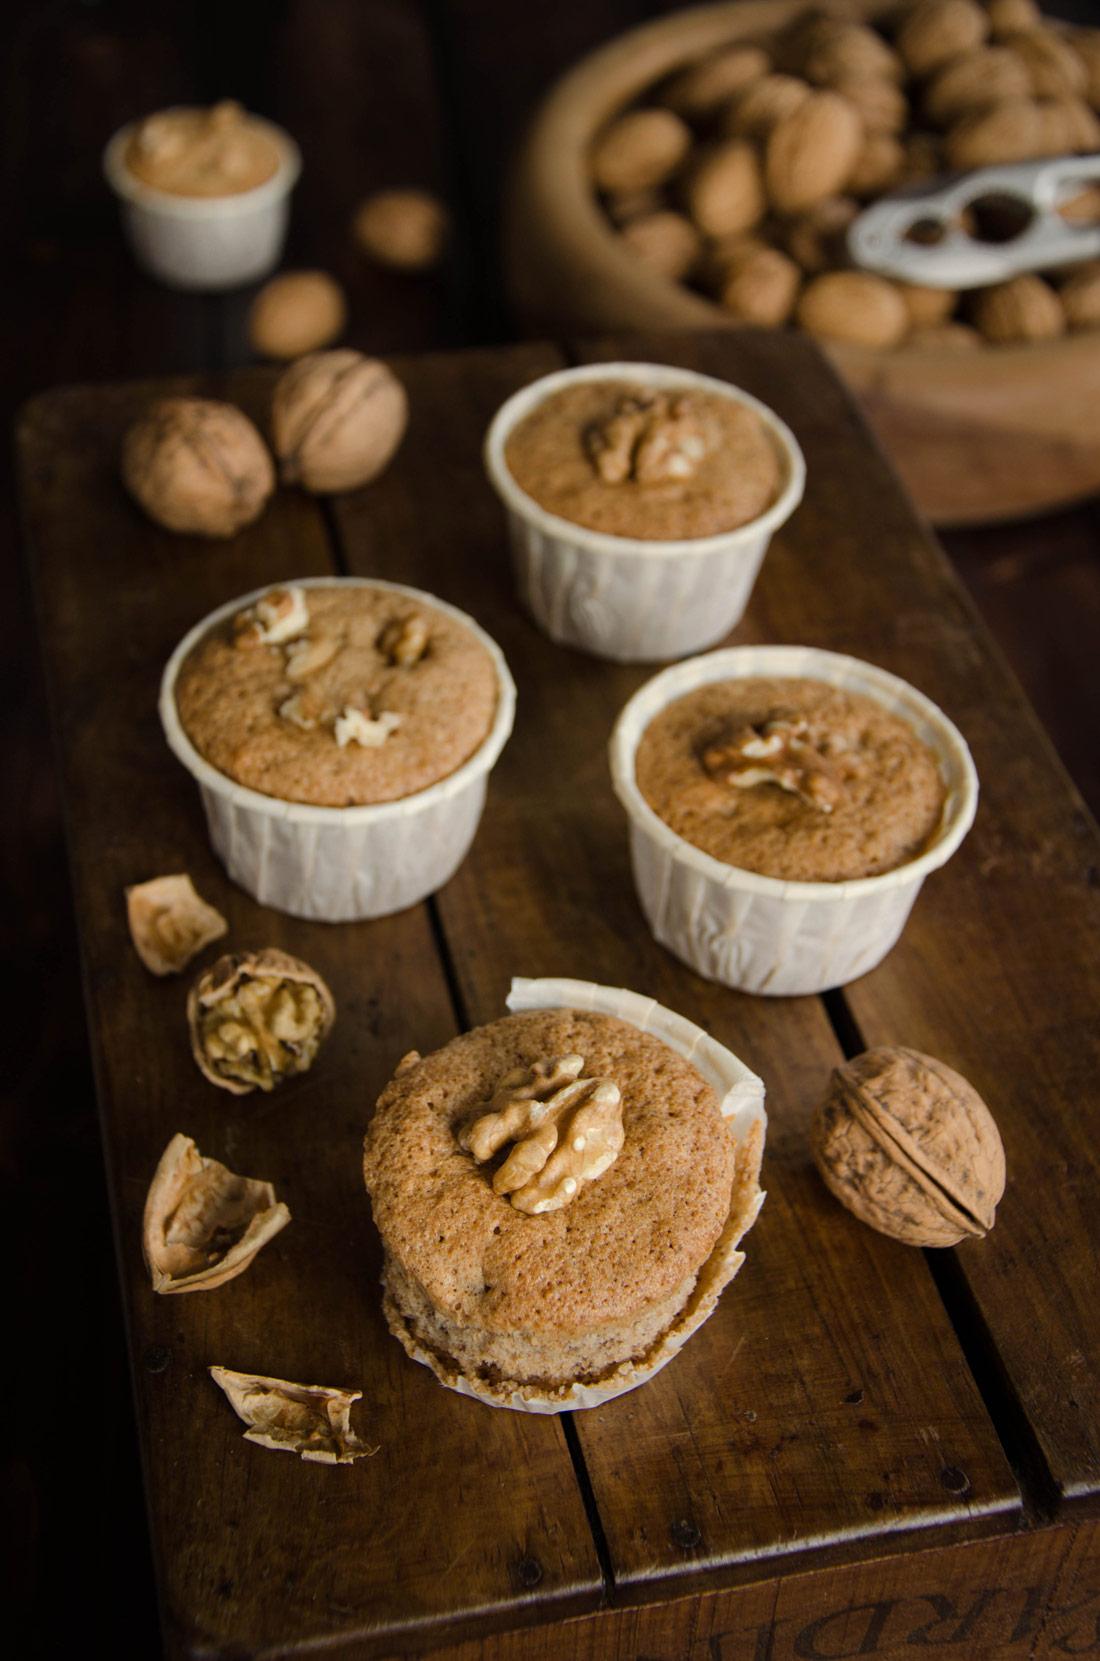 Délicieuses recette de muffins aux noix fait maison